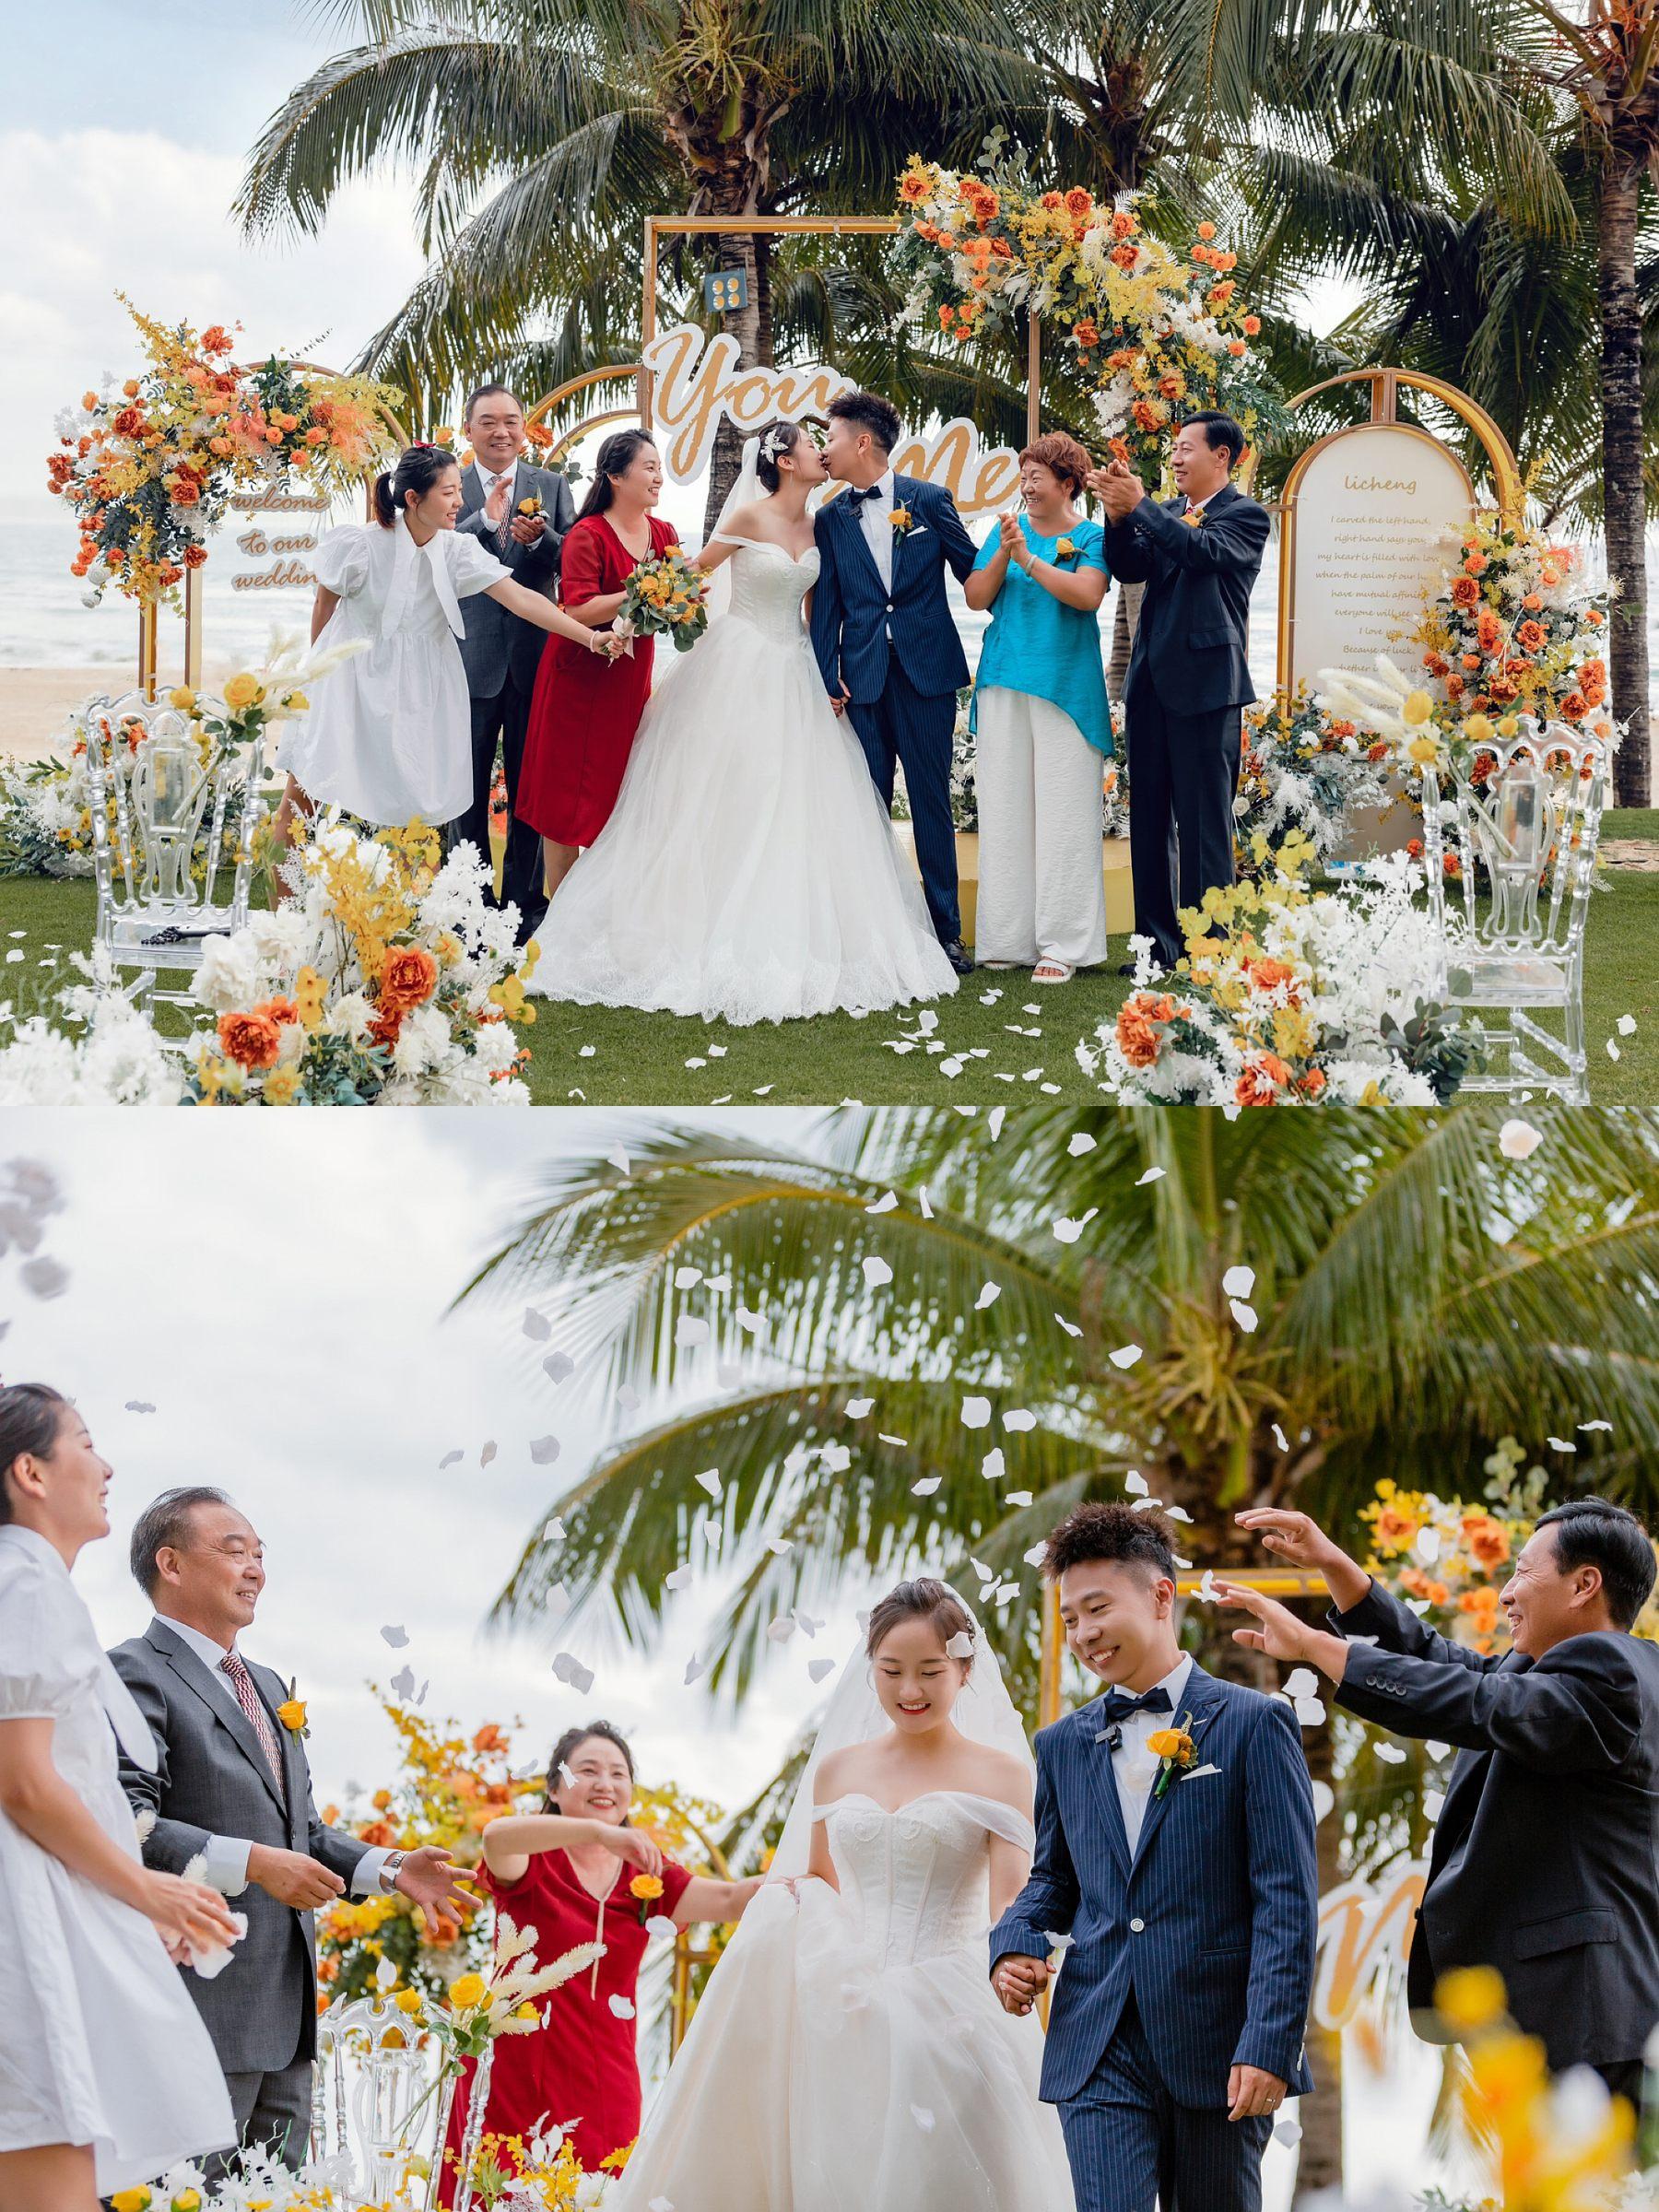 晚婚少女终于也办了梦中的婚礼,三亚婚礼yyds